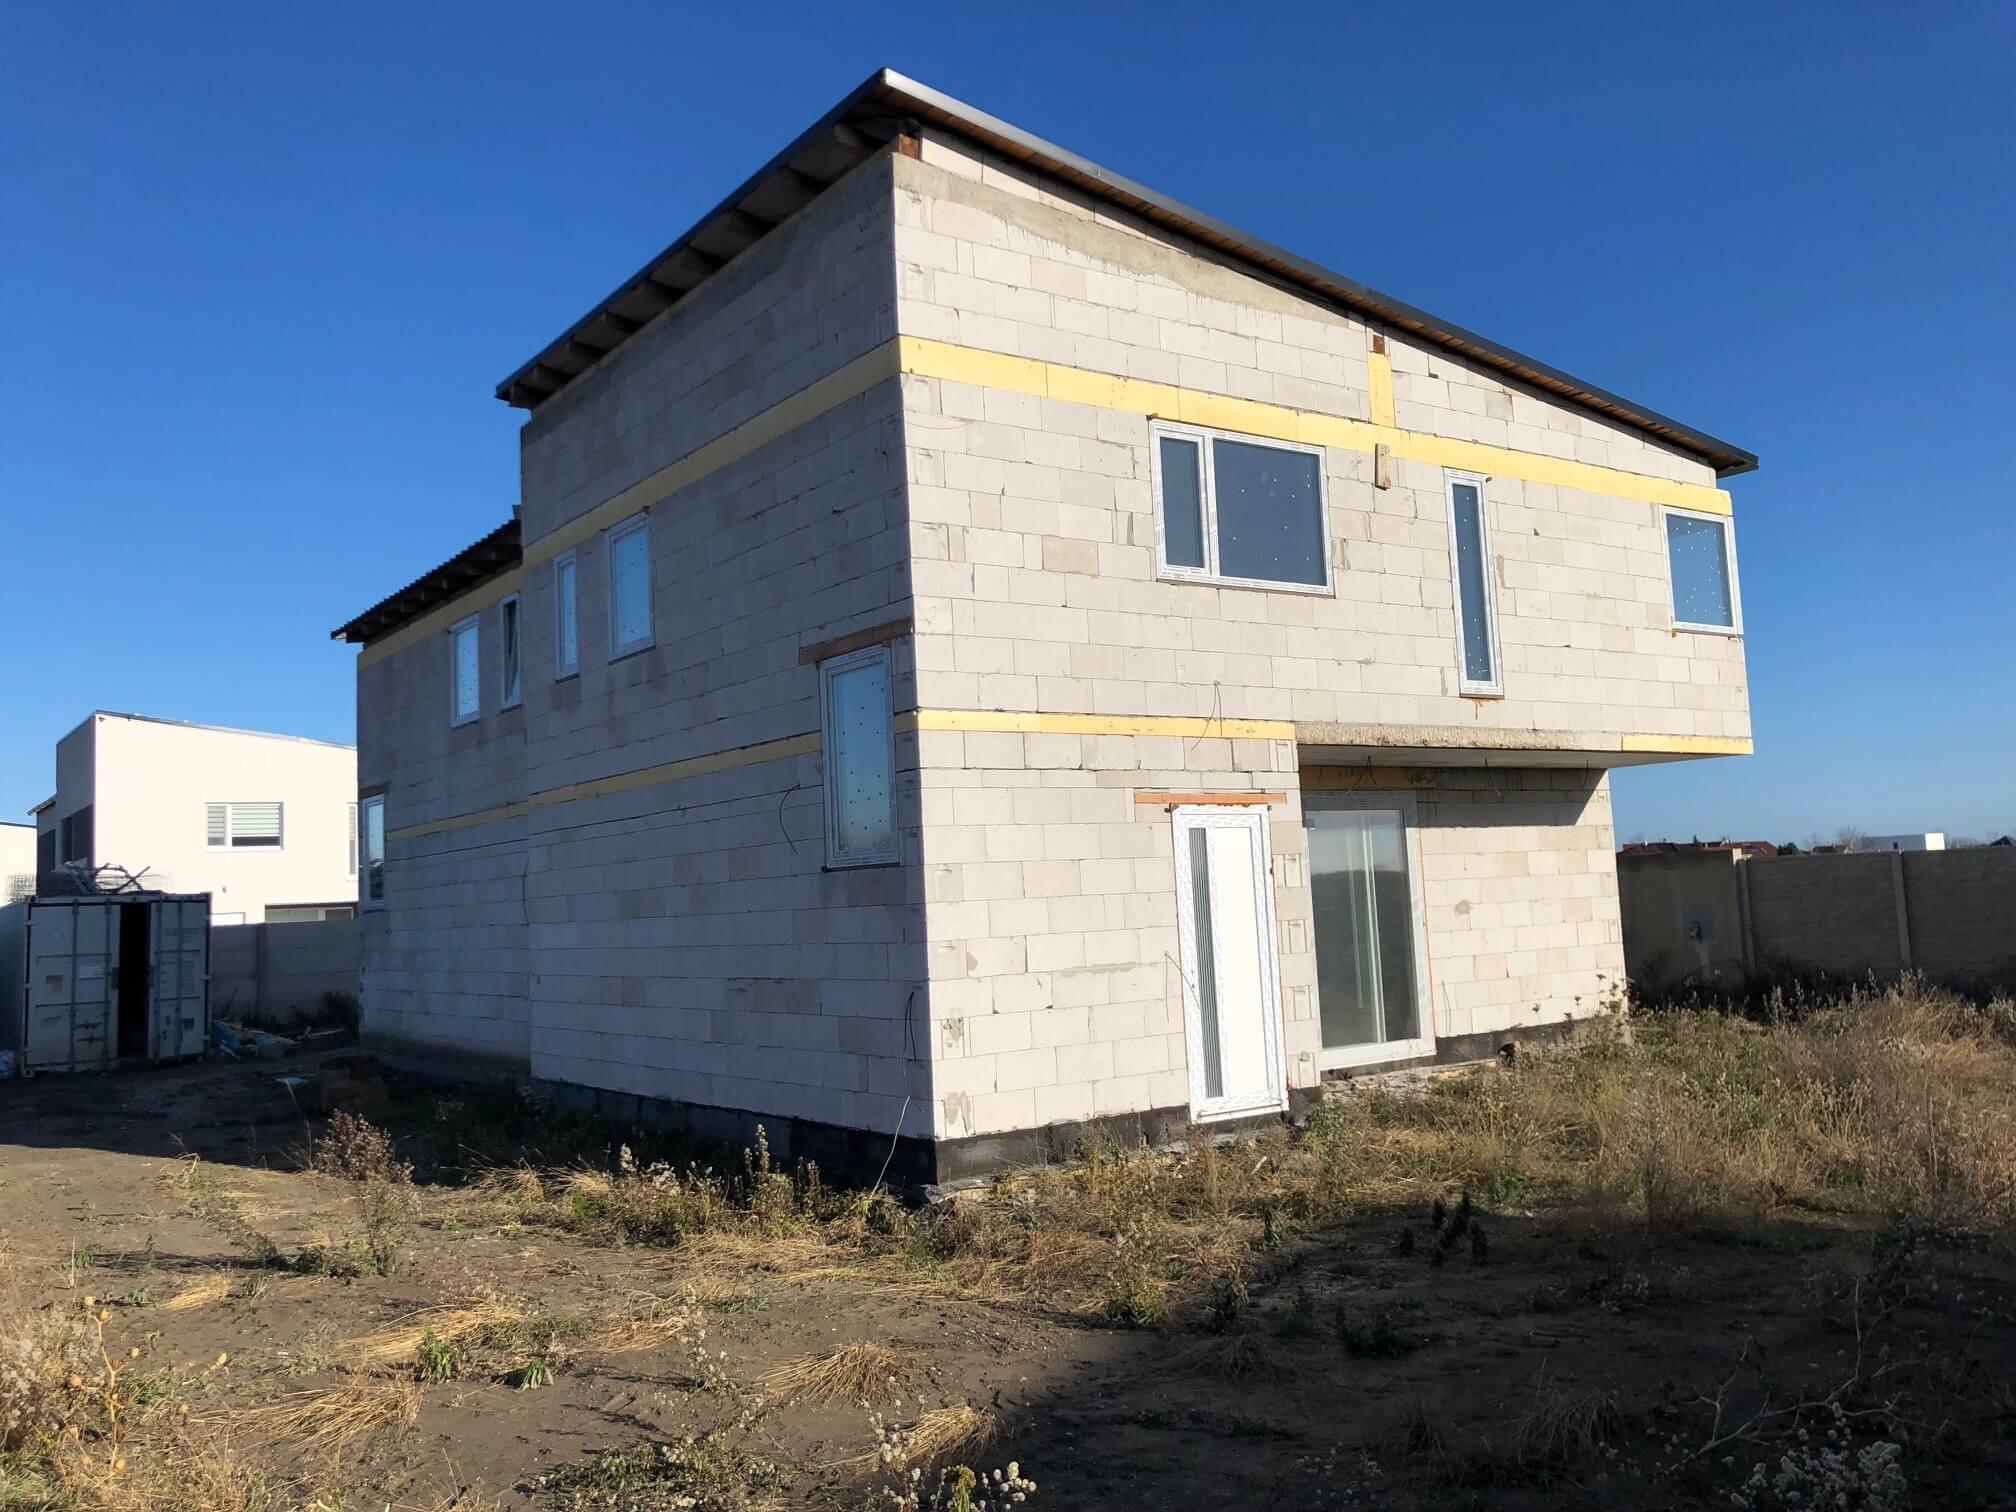 Predané: RD s 2 bytovými jednotkami, Novostavba v Dunajskej Lužnej, 2X: 4 izbový,pozemok 422m2,úžitkova 106m2-6